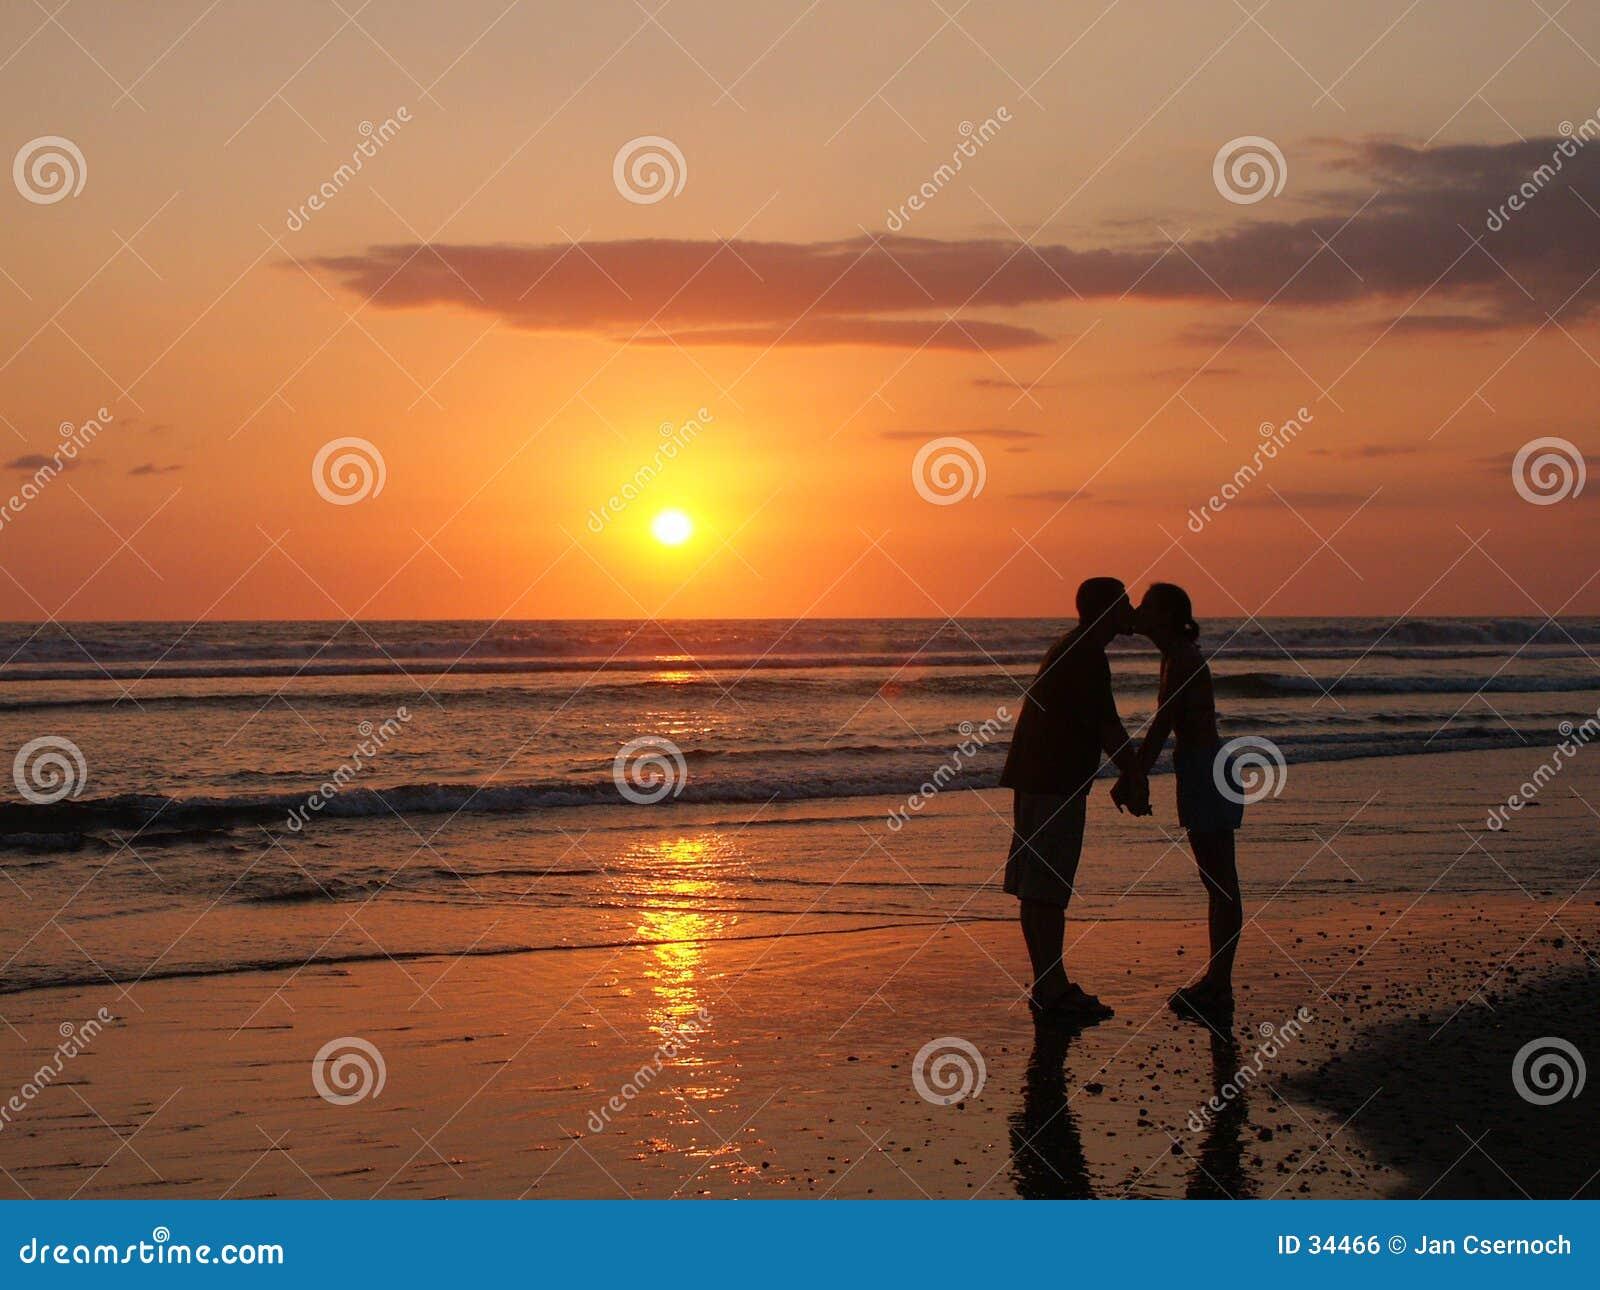 Fun kiss on the beach